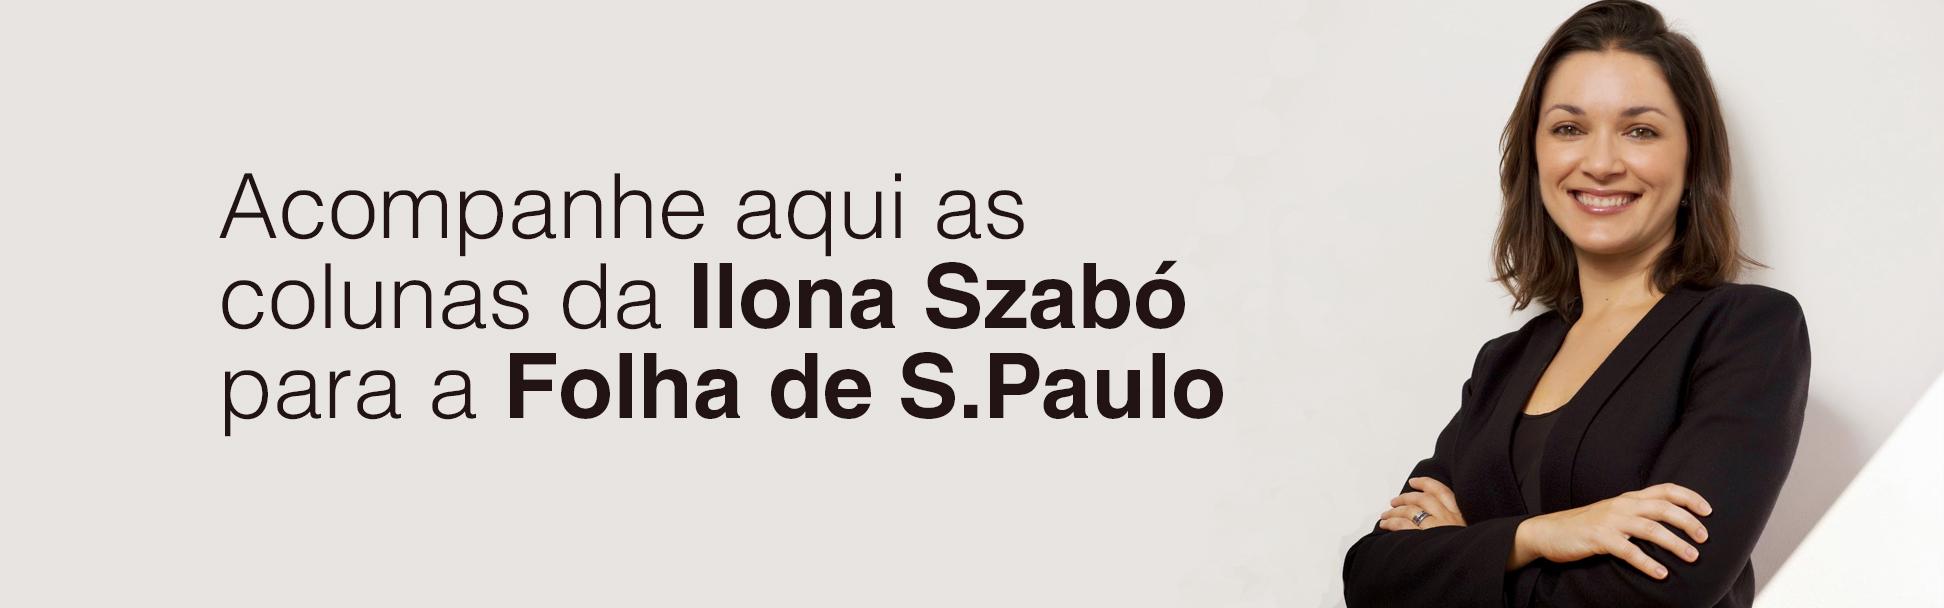 ilona szabó é colunista na folha de s.paulo